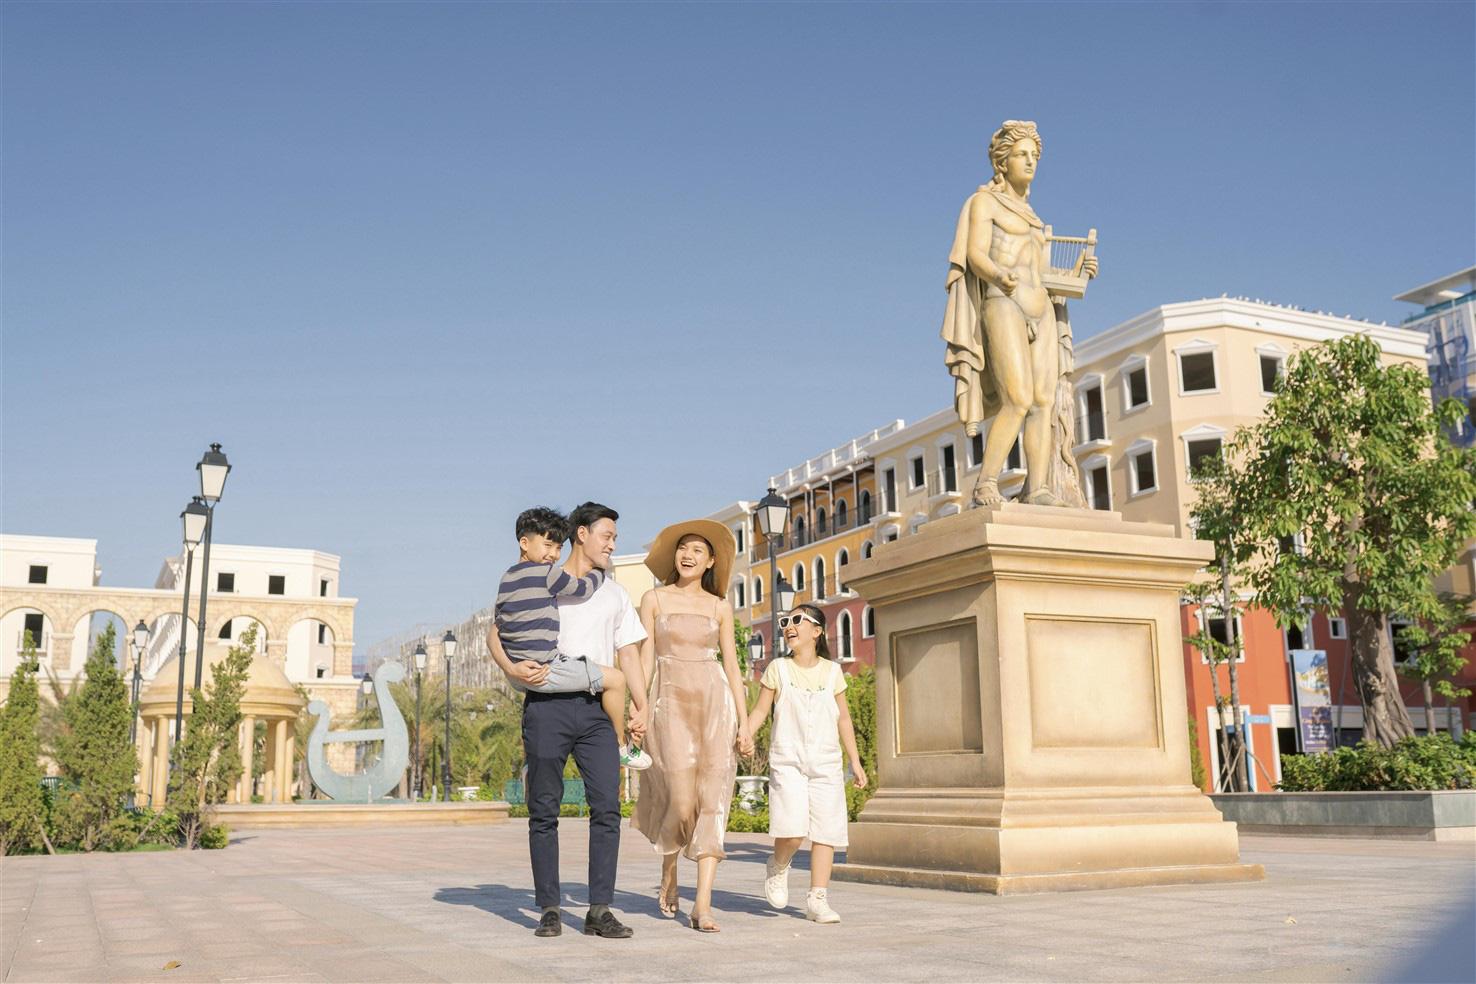 Đâu là lời giải cho bài toán an cư - kinh doanh của người dân thành phố Phú Quốc? - Ảnh 1.